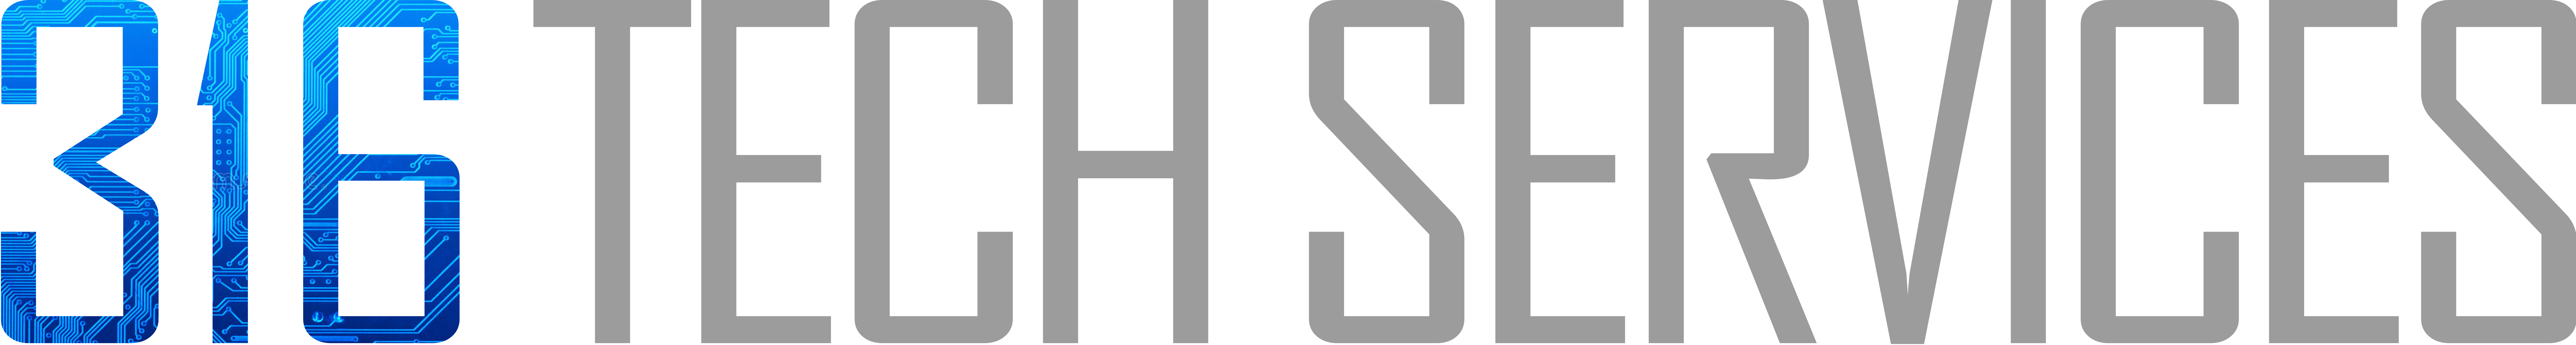 316 Tech Services